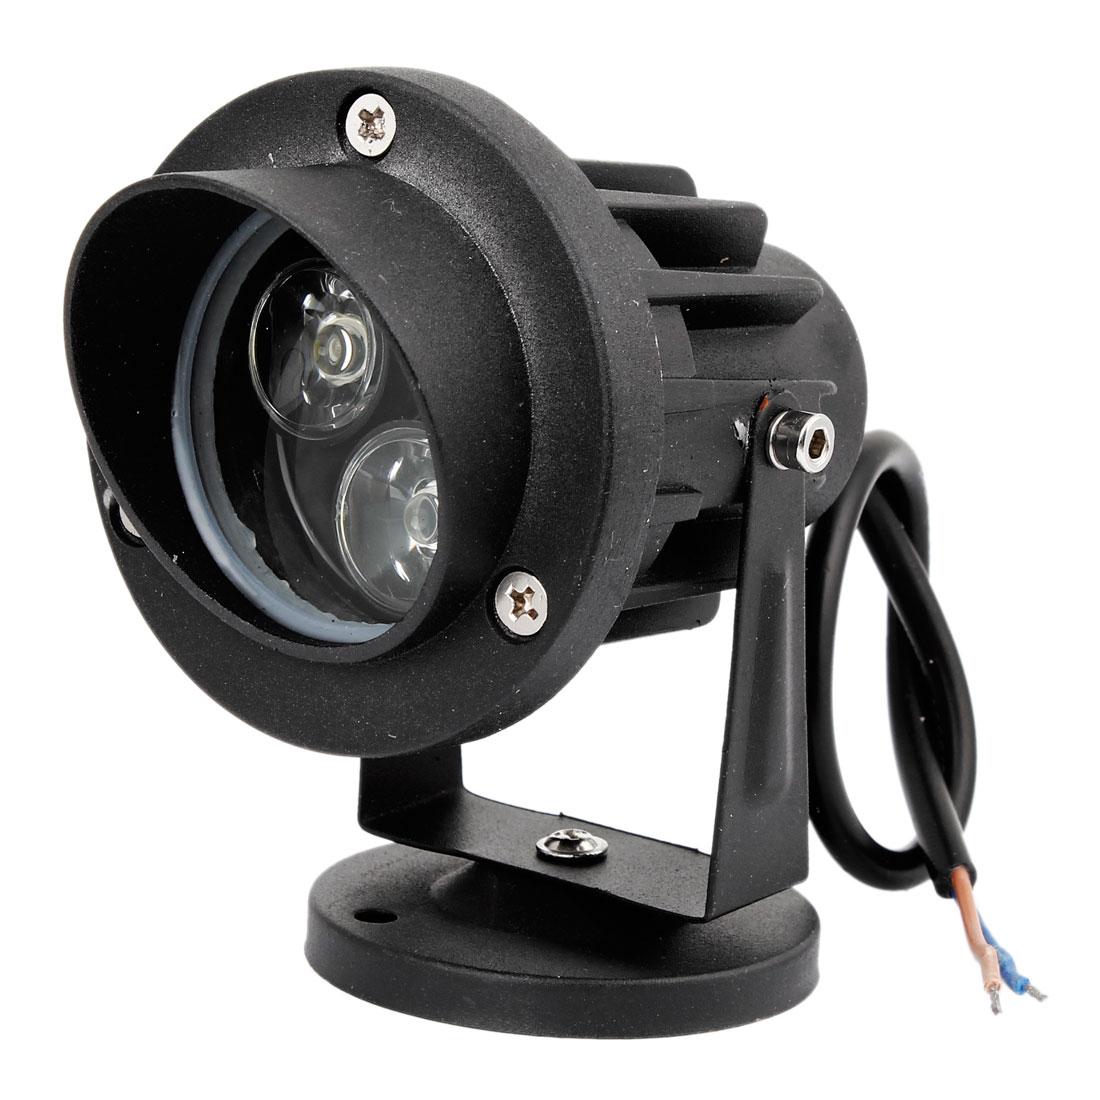 Black Shell 6W 3x2W White LED Ceiling Light Downlight Spotlight 300-330LM 12V